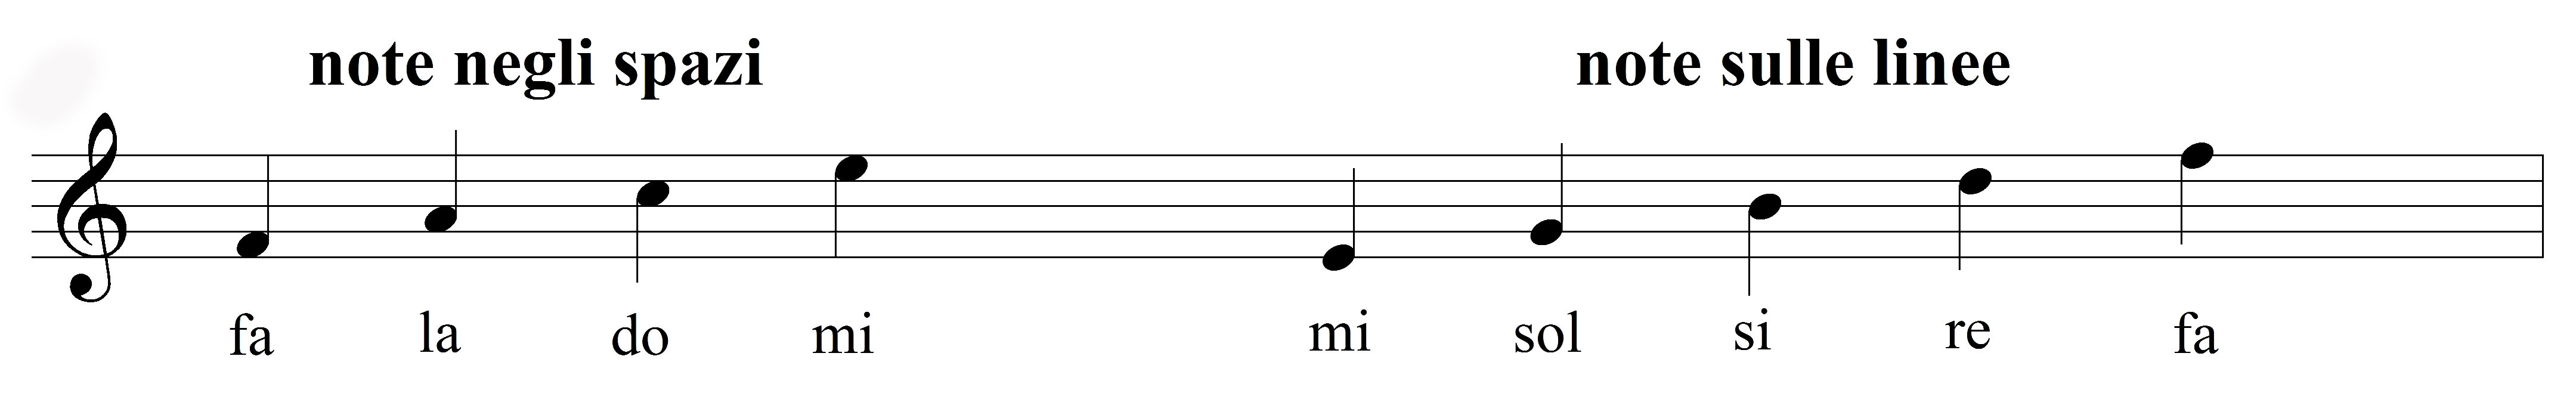 LE NOTE MUSICALI – altezza dei suoni, note, figure e pause